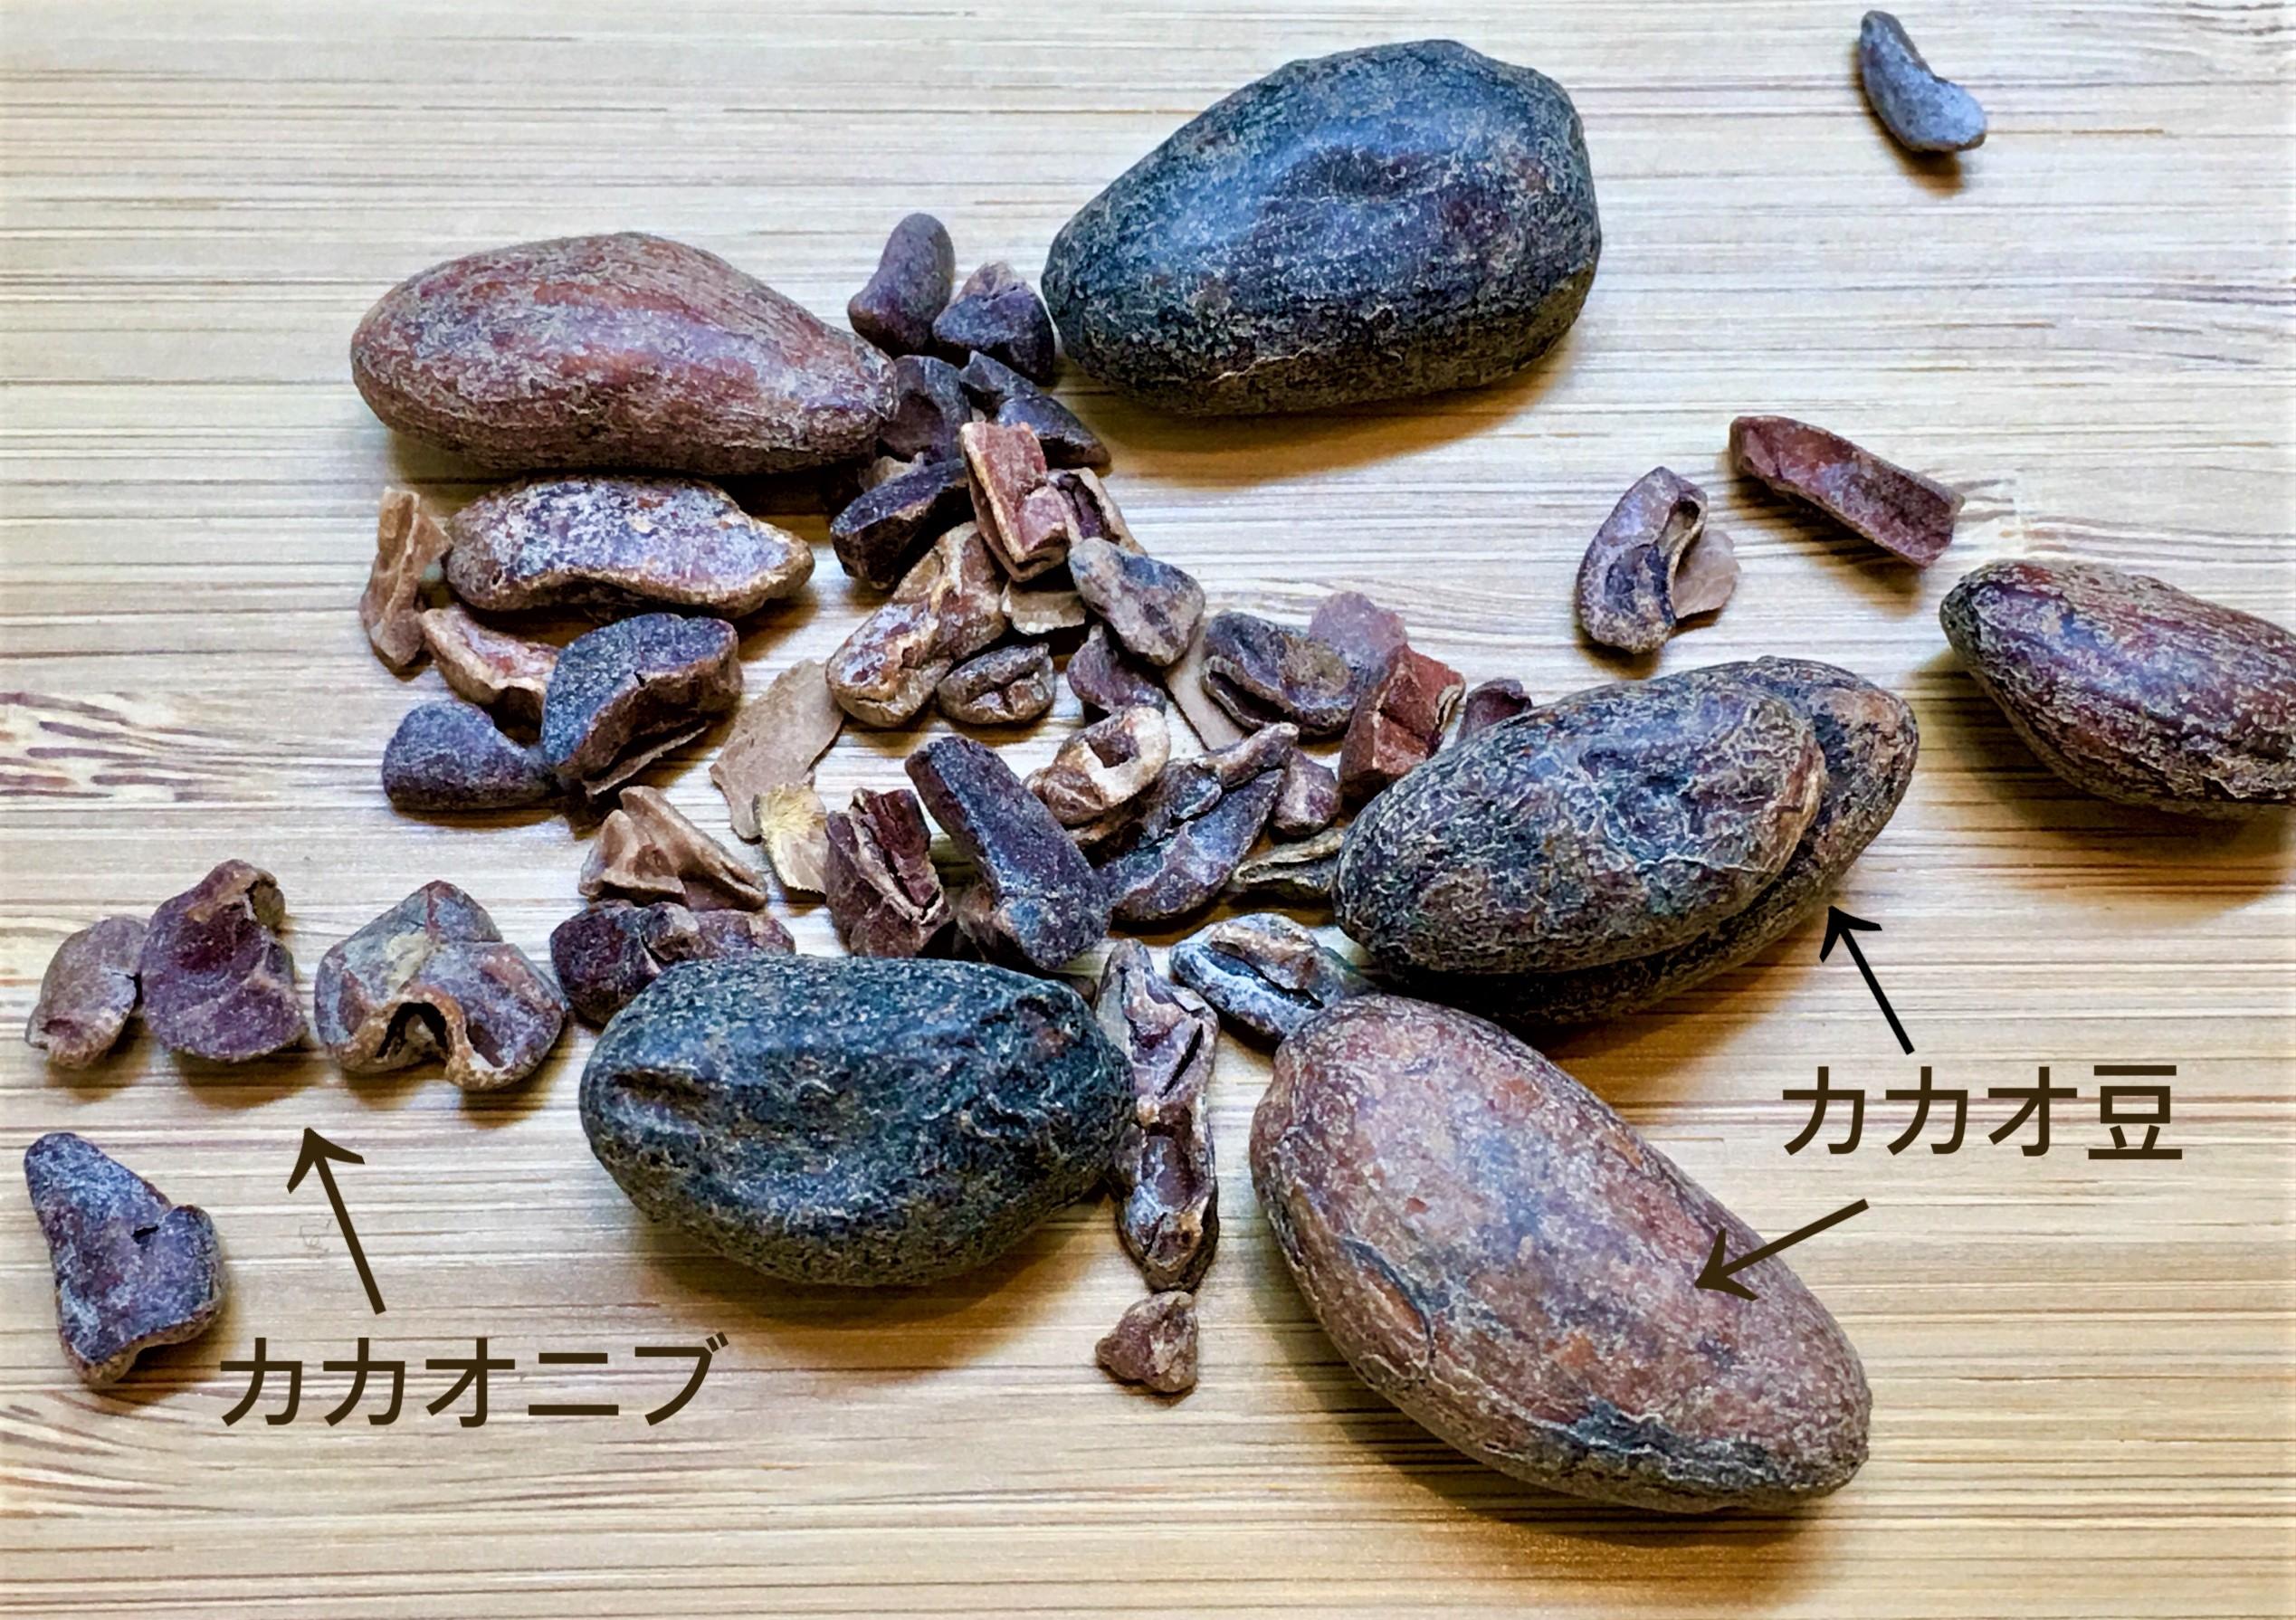 カカオニブ* cacao nibs 80g